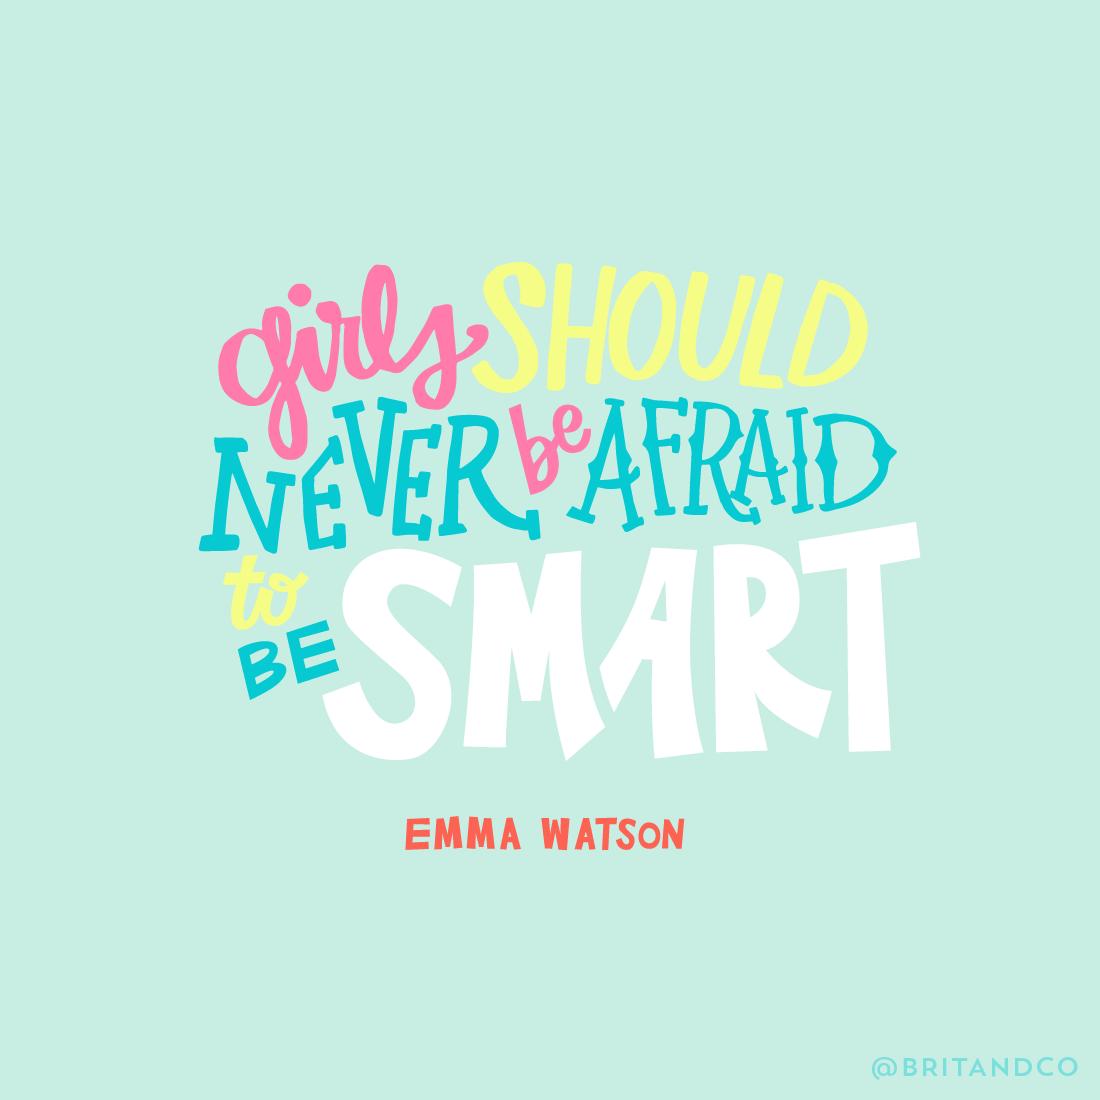 Emma-Watson-Smart-Girls_1100x1100.png